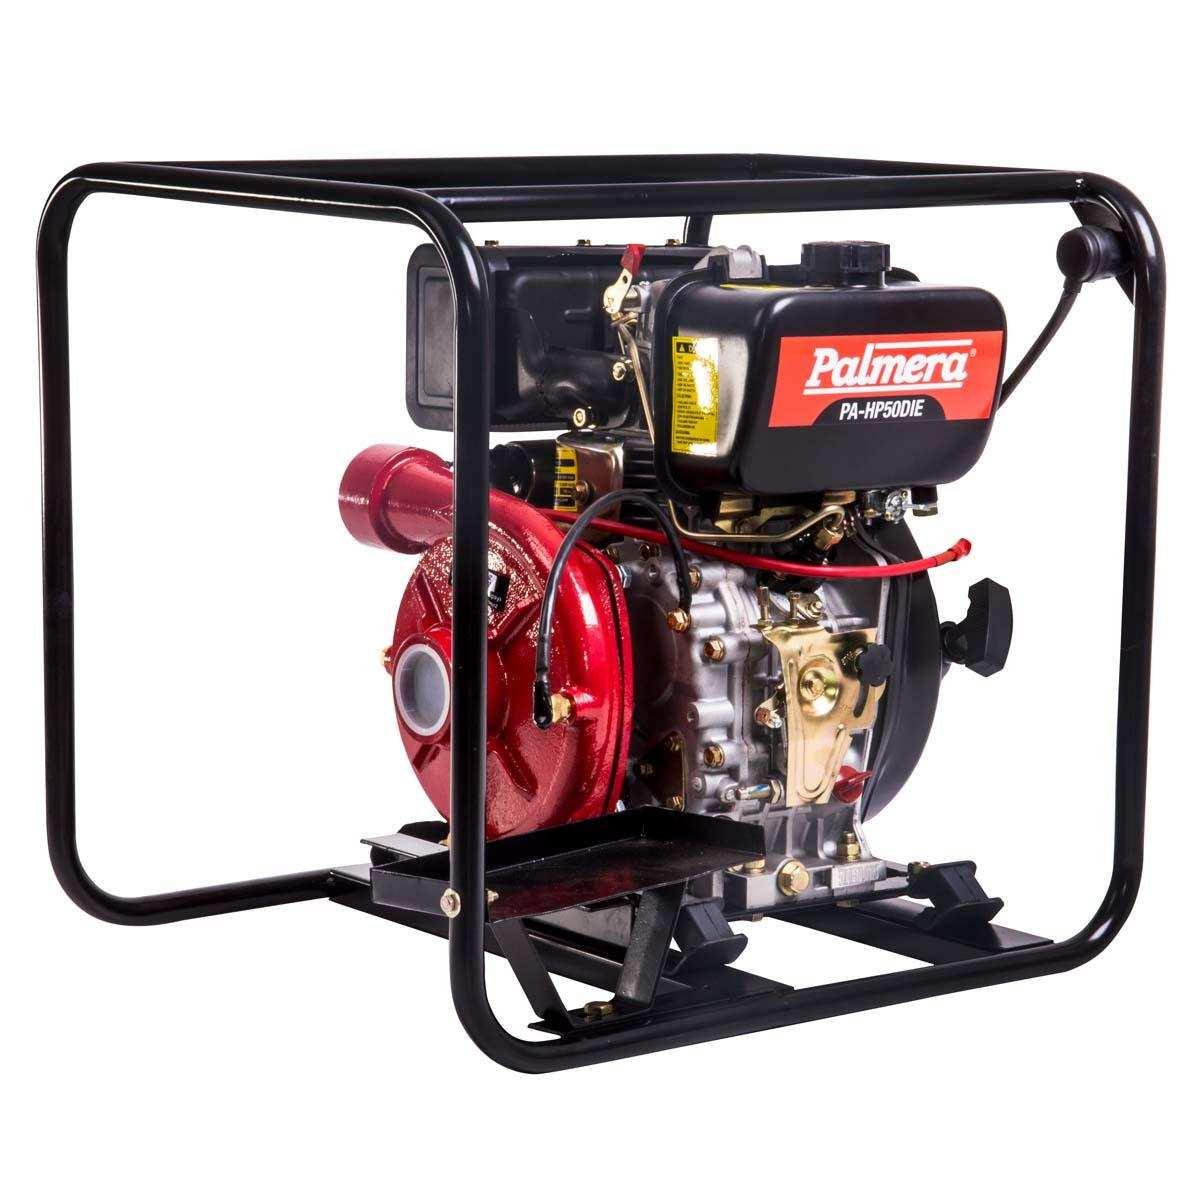 Palmera HP50DIE Dizel Marşlı Yüksek Basınçlı Su Motoru 2